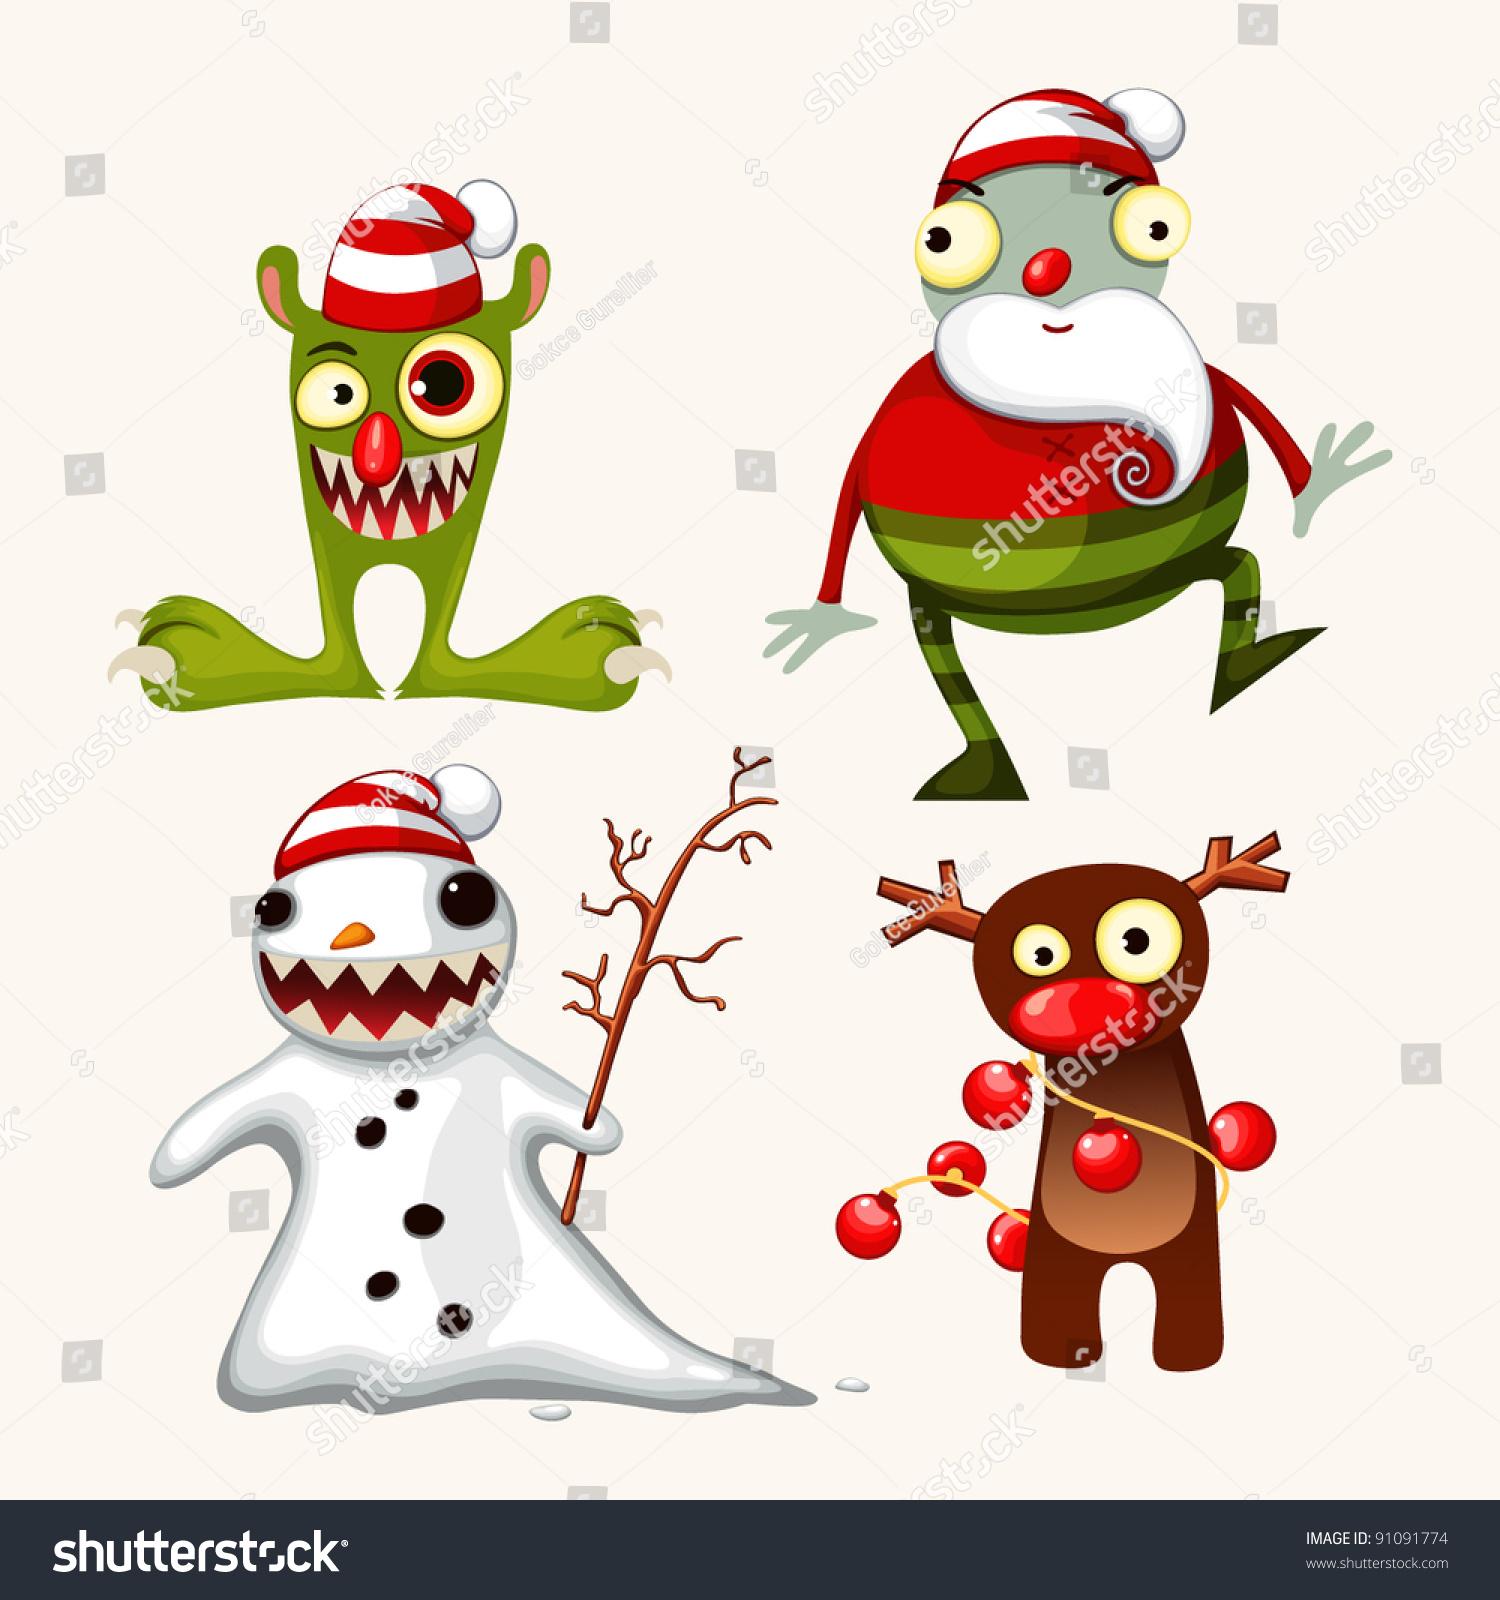 可爱的圣诞怪物-假期,动物/野生生物-海洛创意()